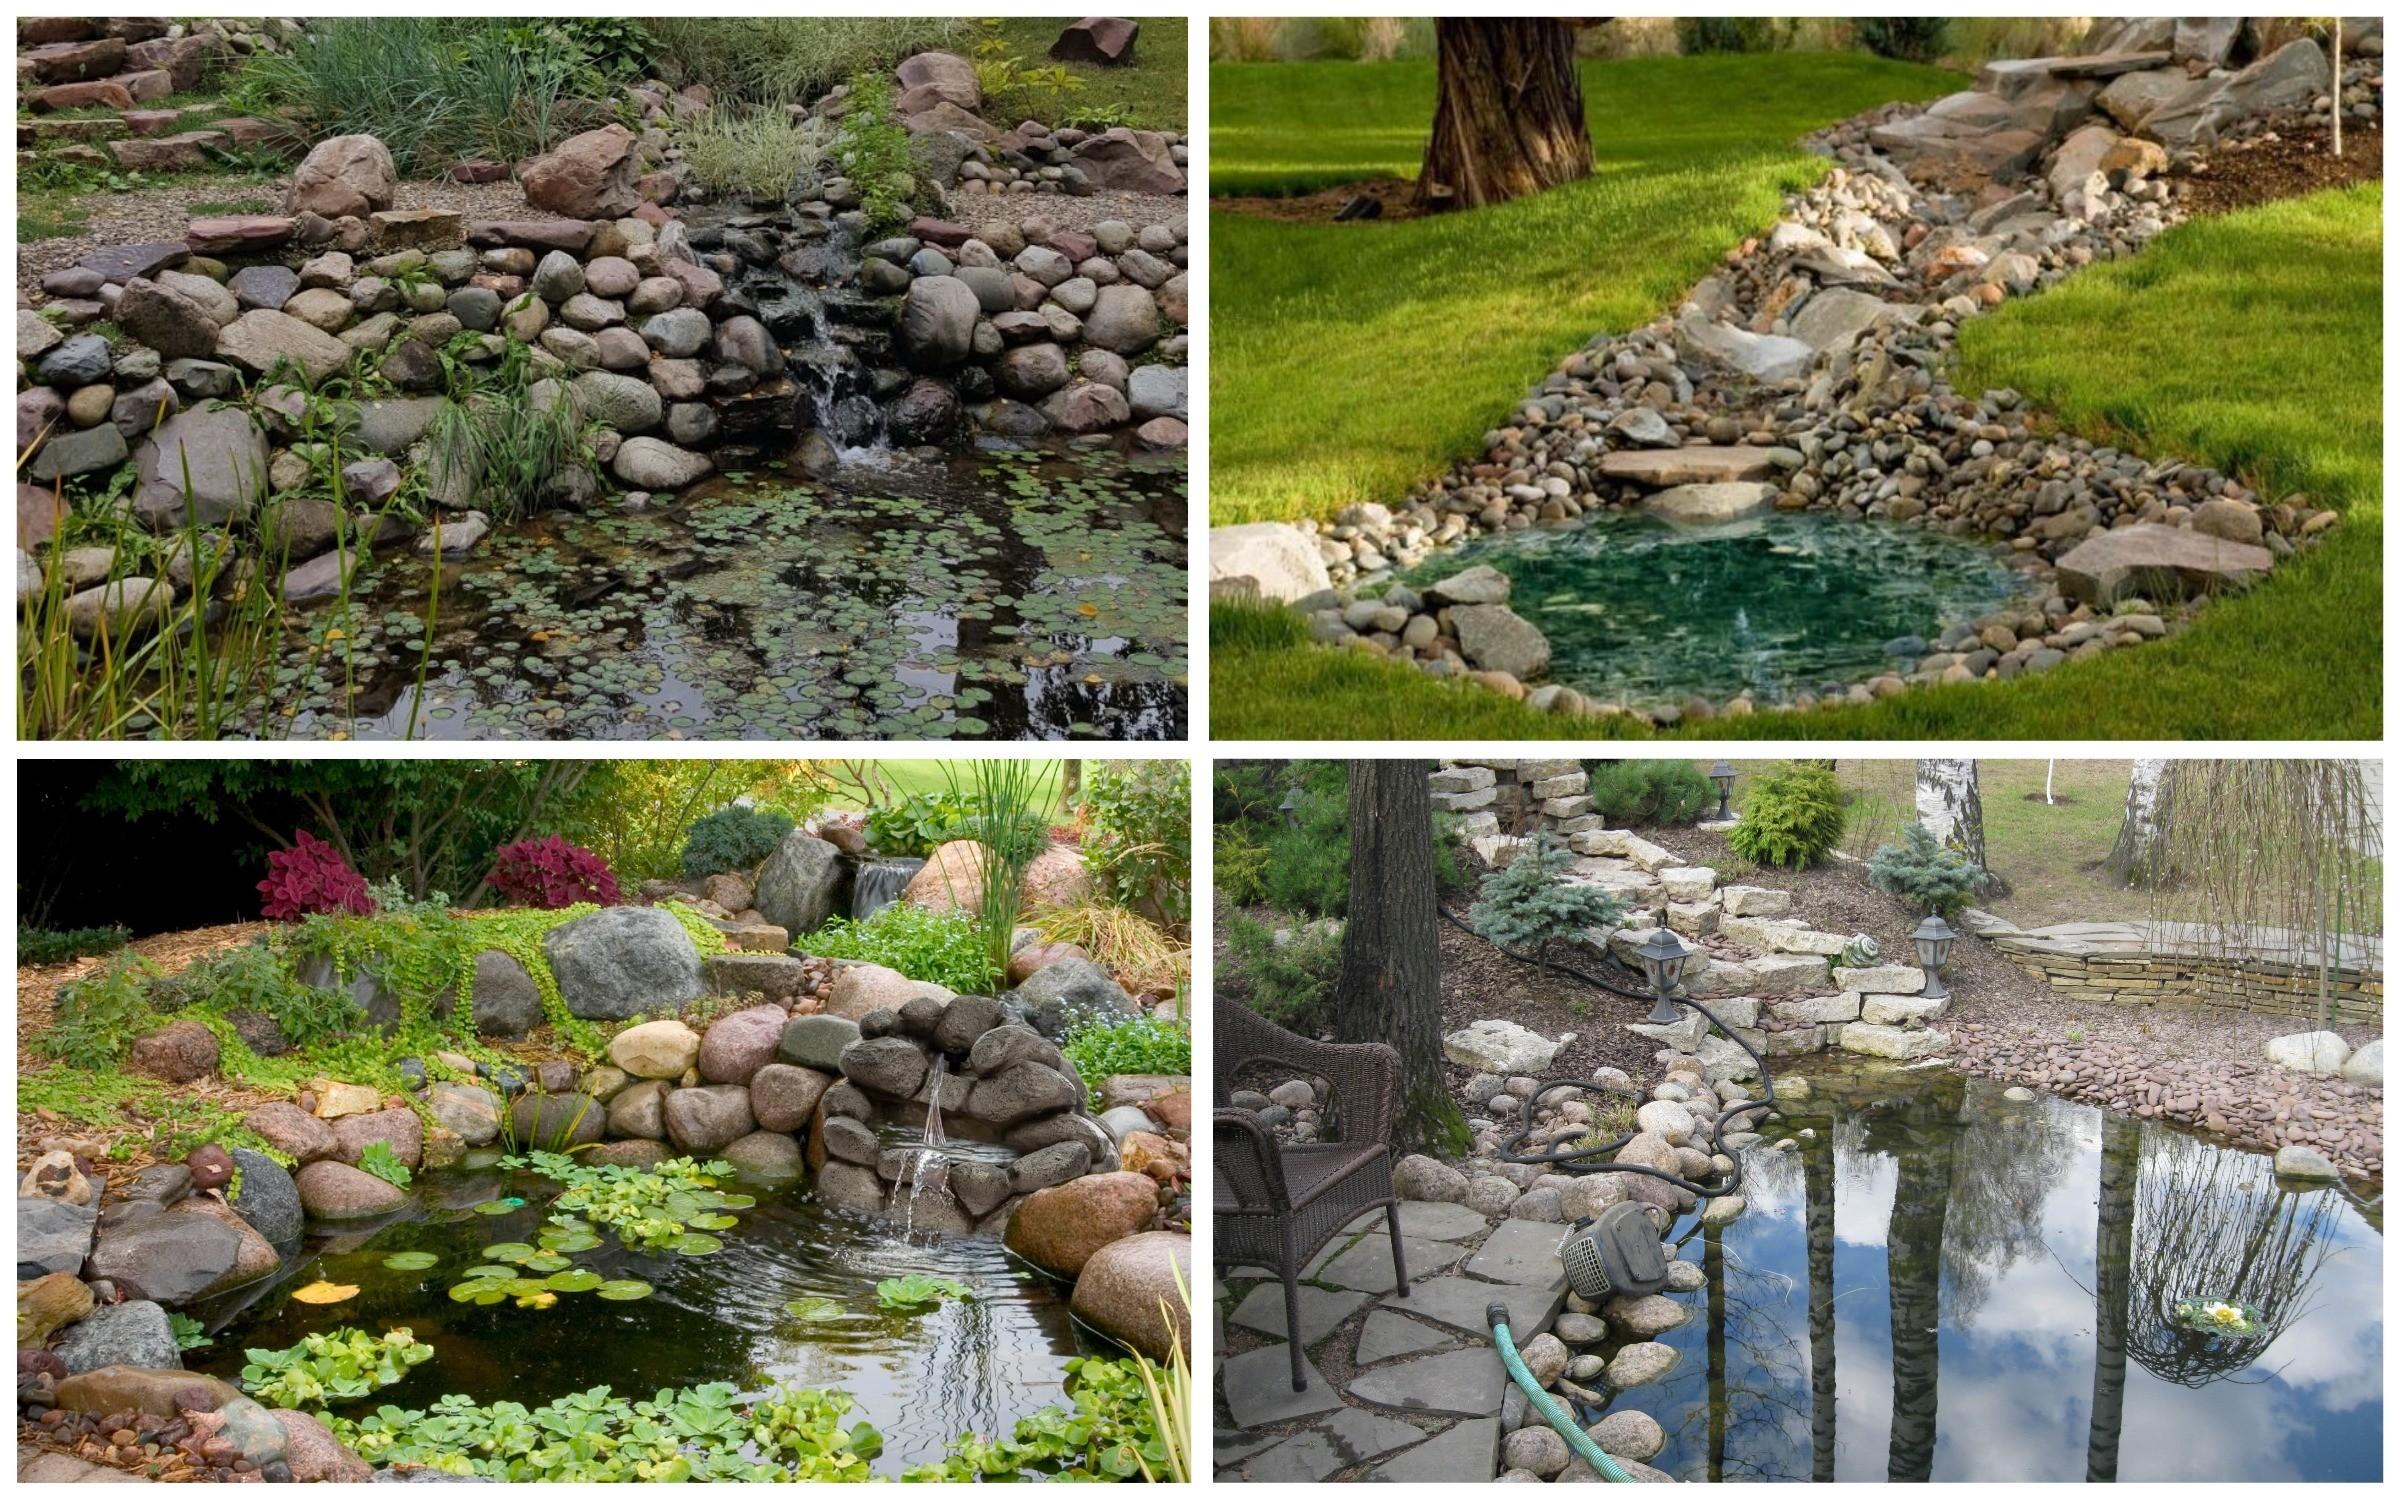 изображение водоема с камнями вдоль берега